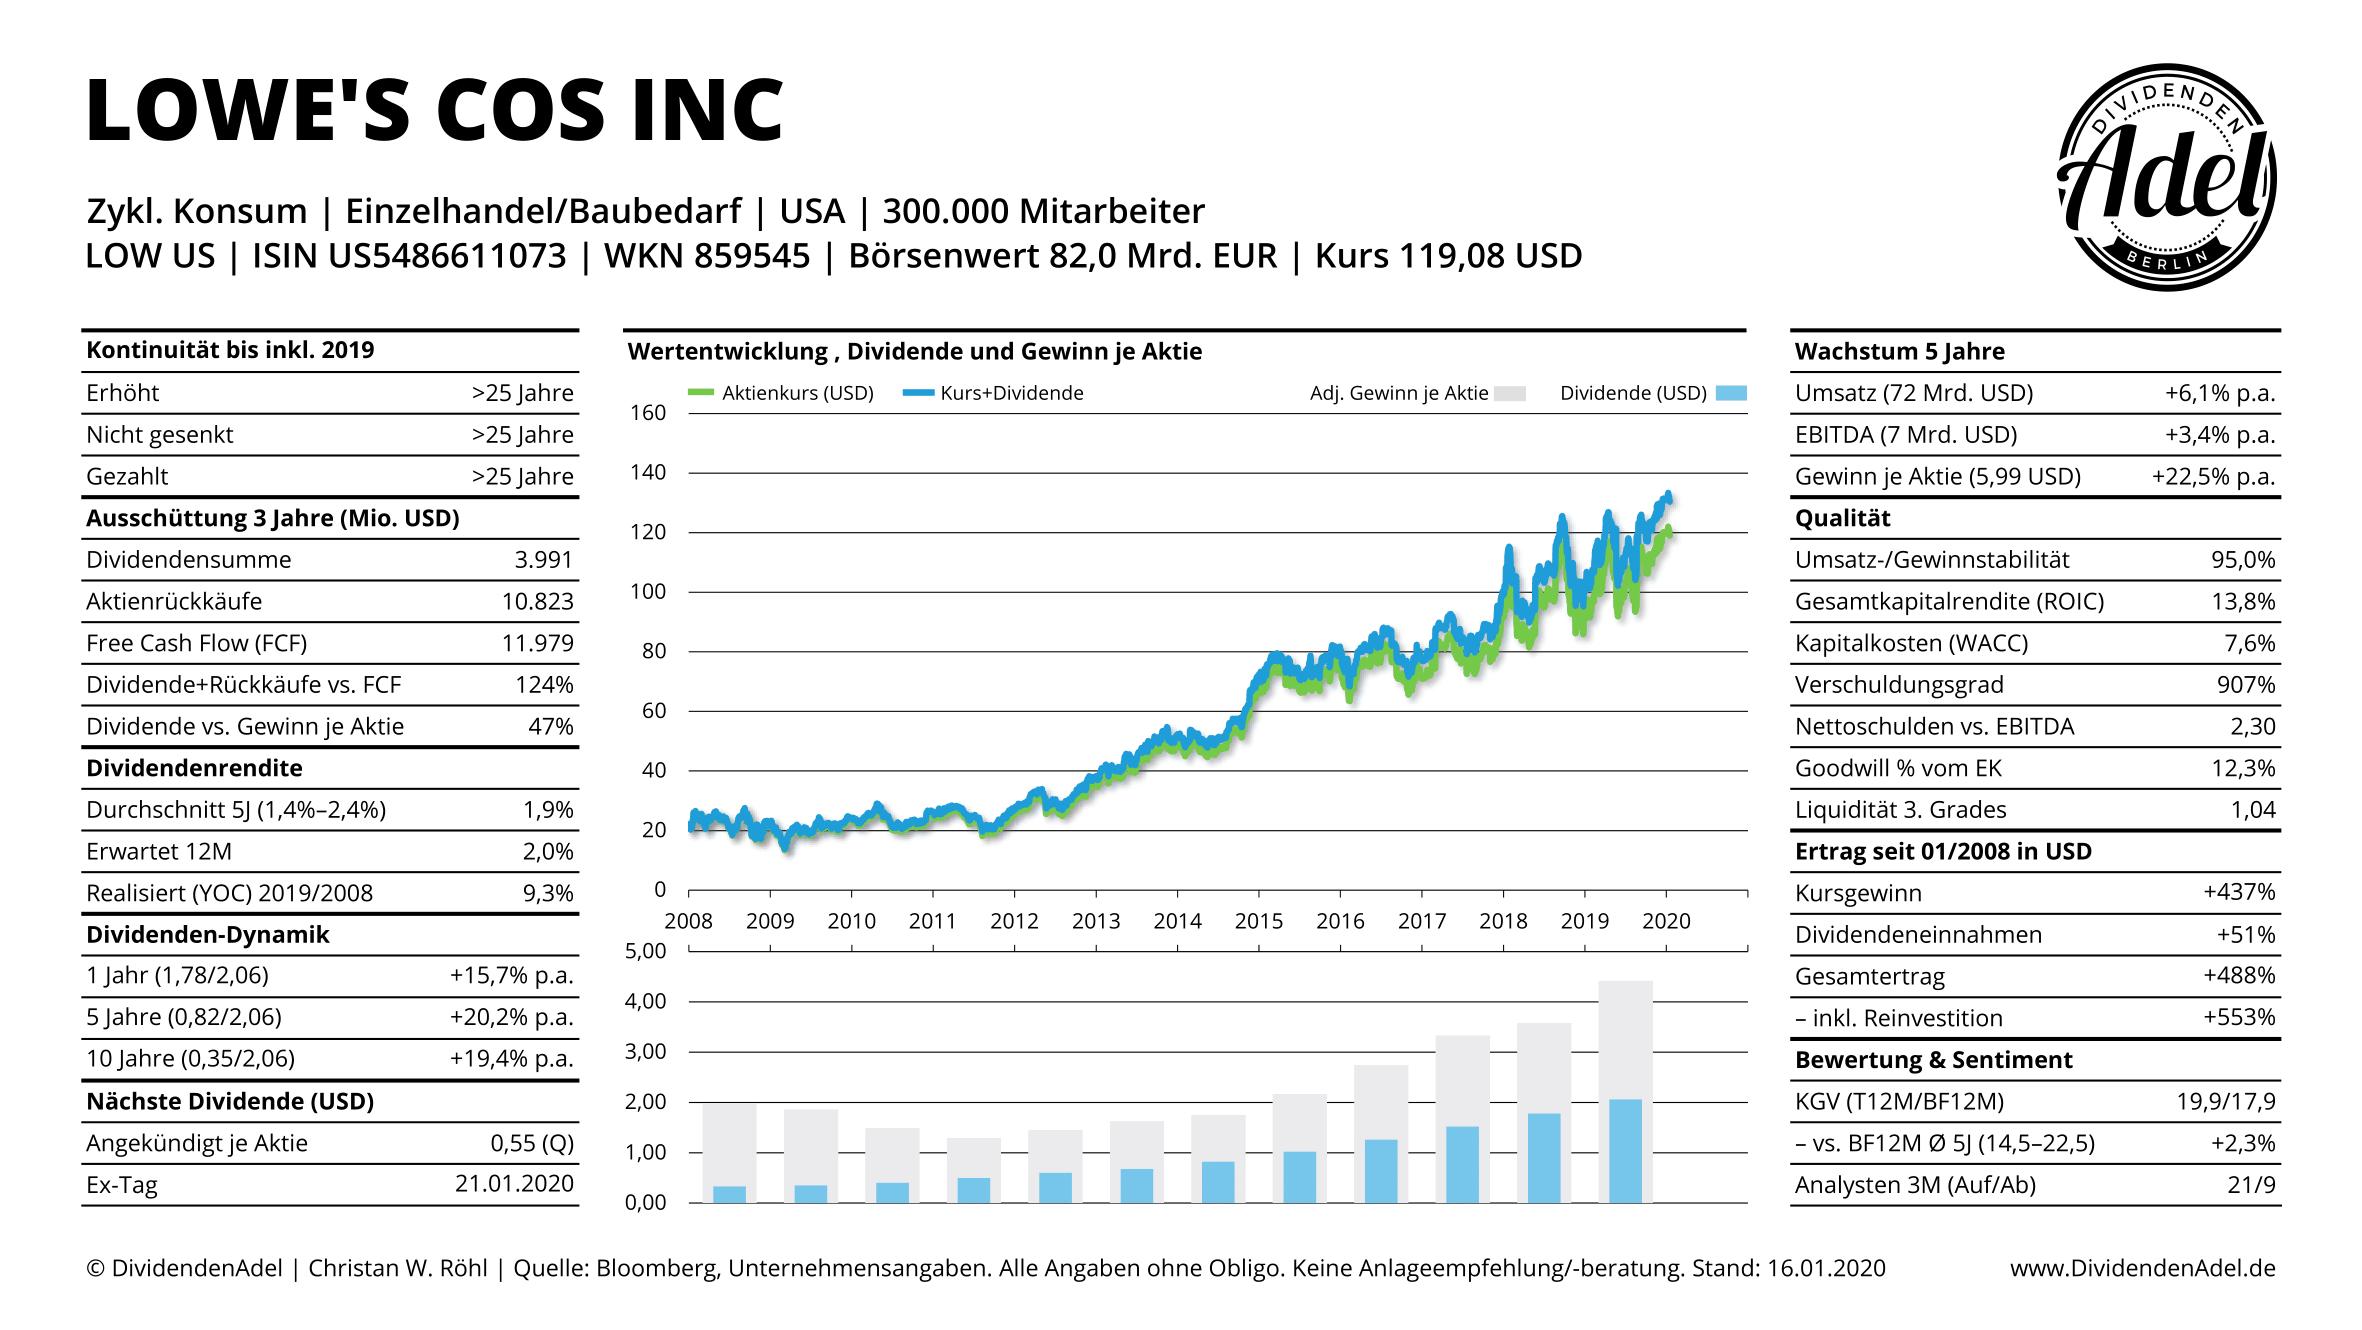 2020-01-16 LOWE'S COS INC DividendenAdel Profil+-1